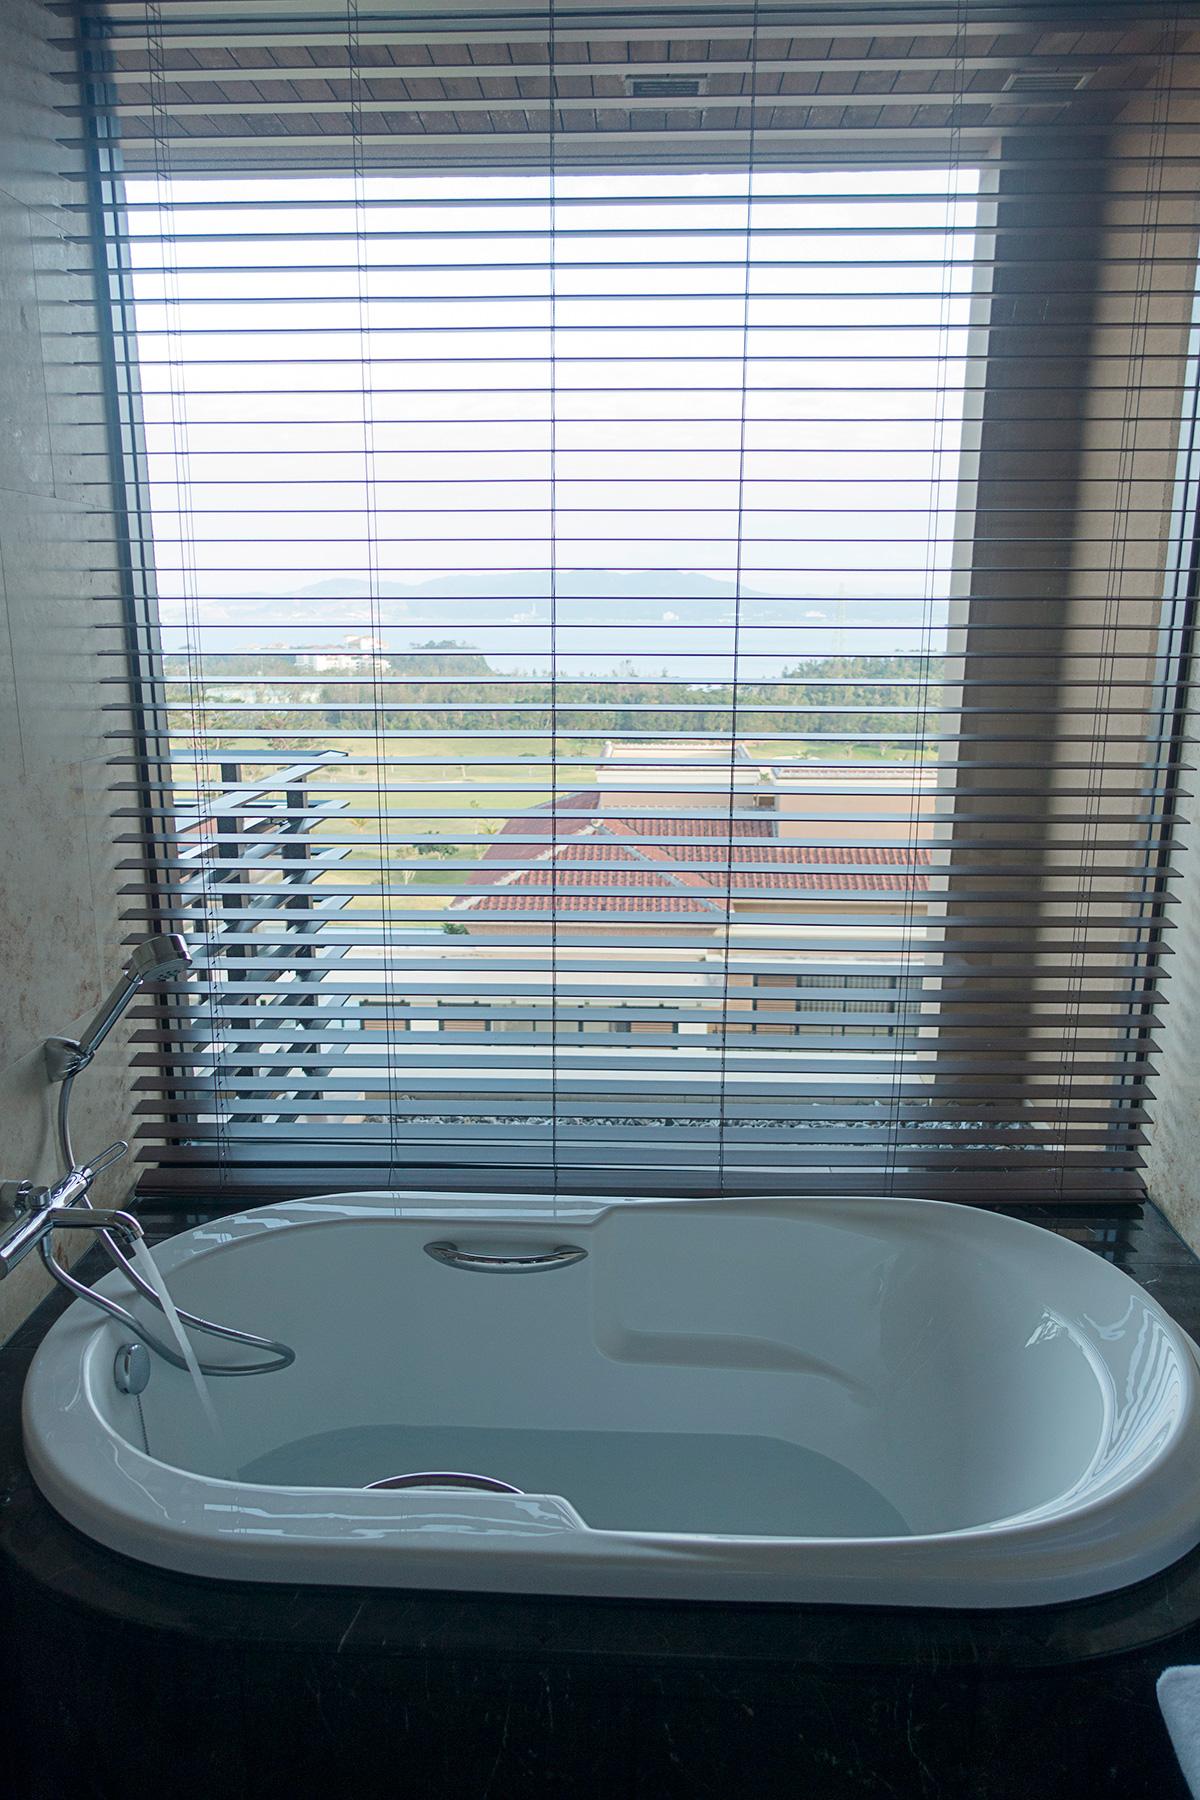 ザ・リッツ・カールトン沖縄プレミアデラックスルームのバスルームからは海も見える